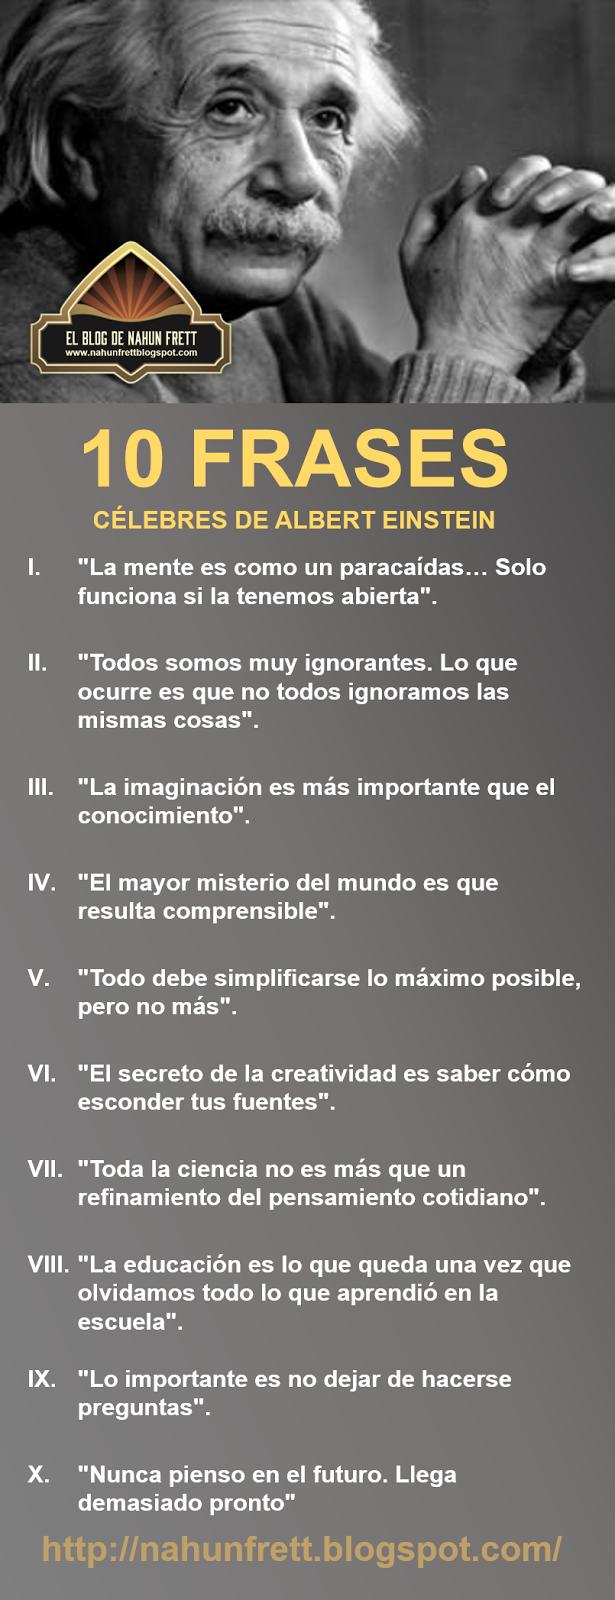 Xavier Mármol Blum 10 Frases Célebres De Albert Einstein